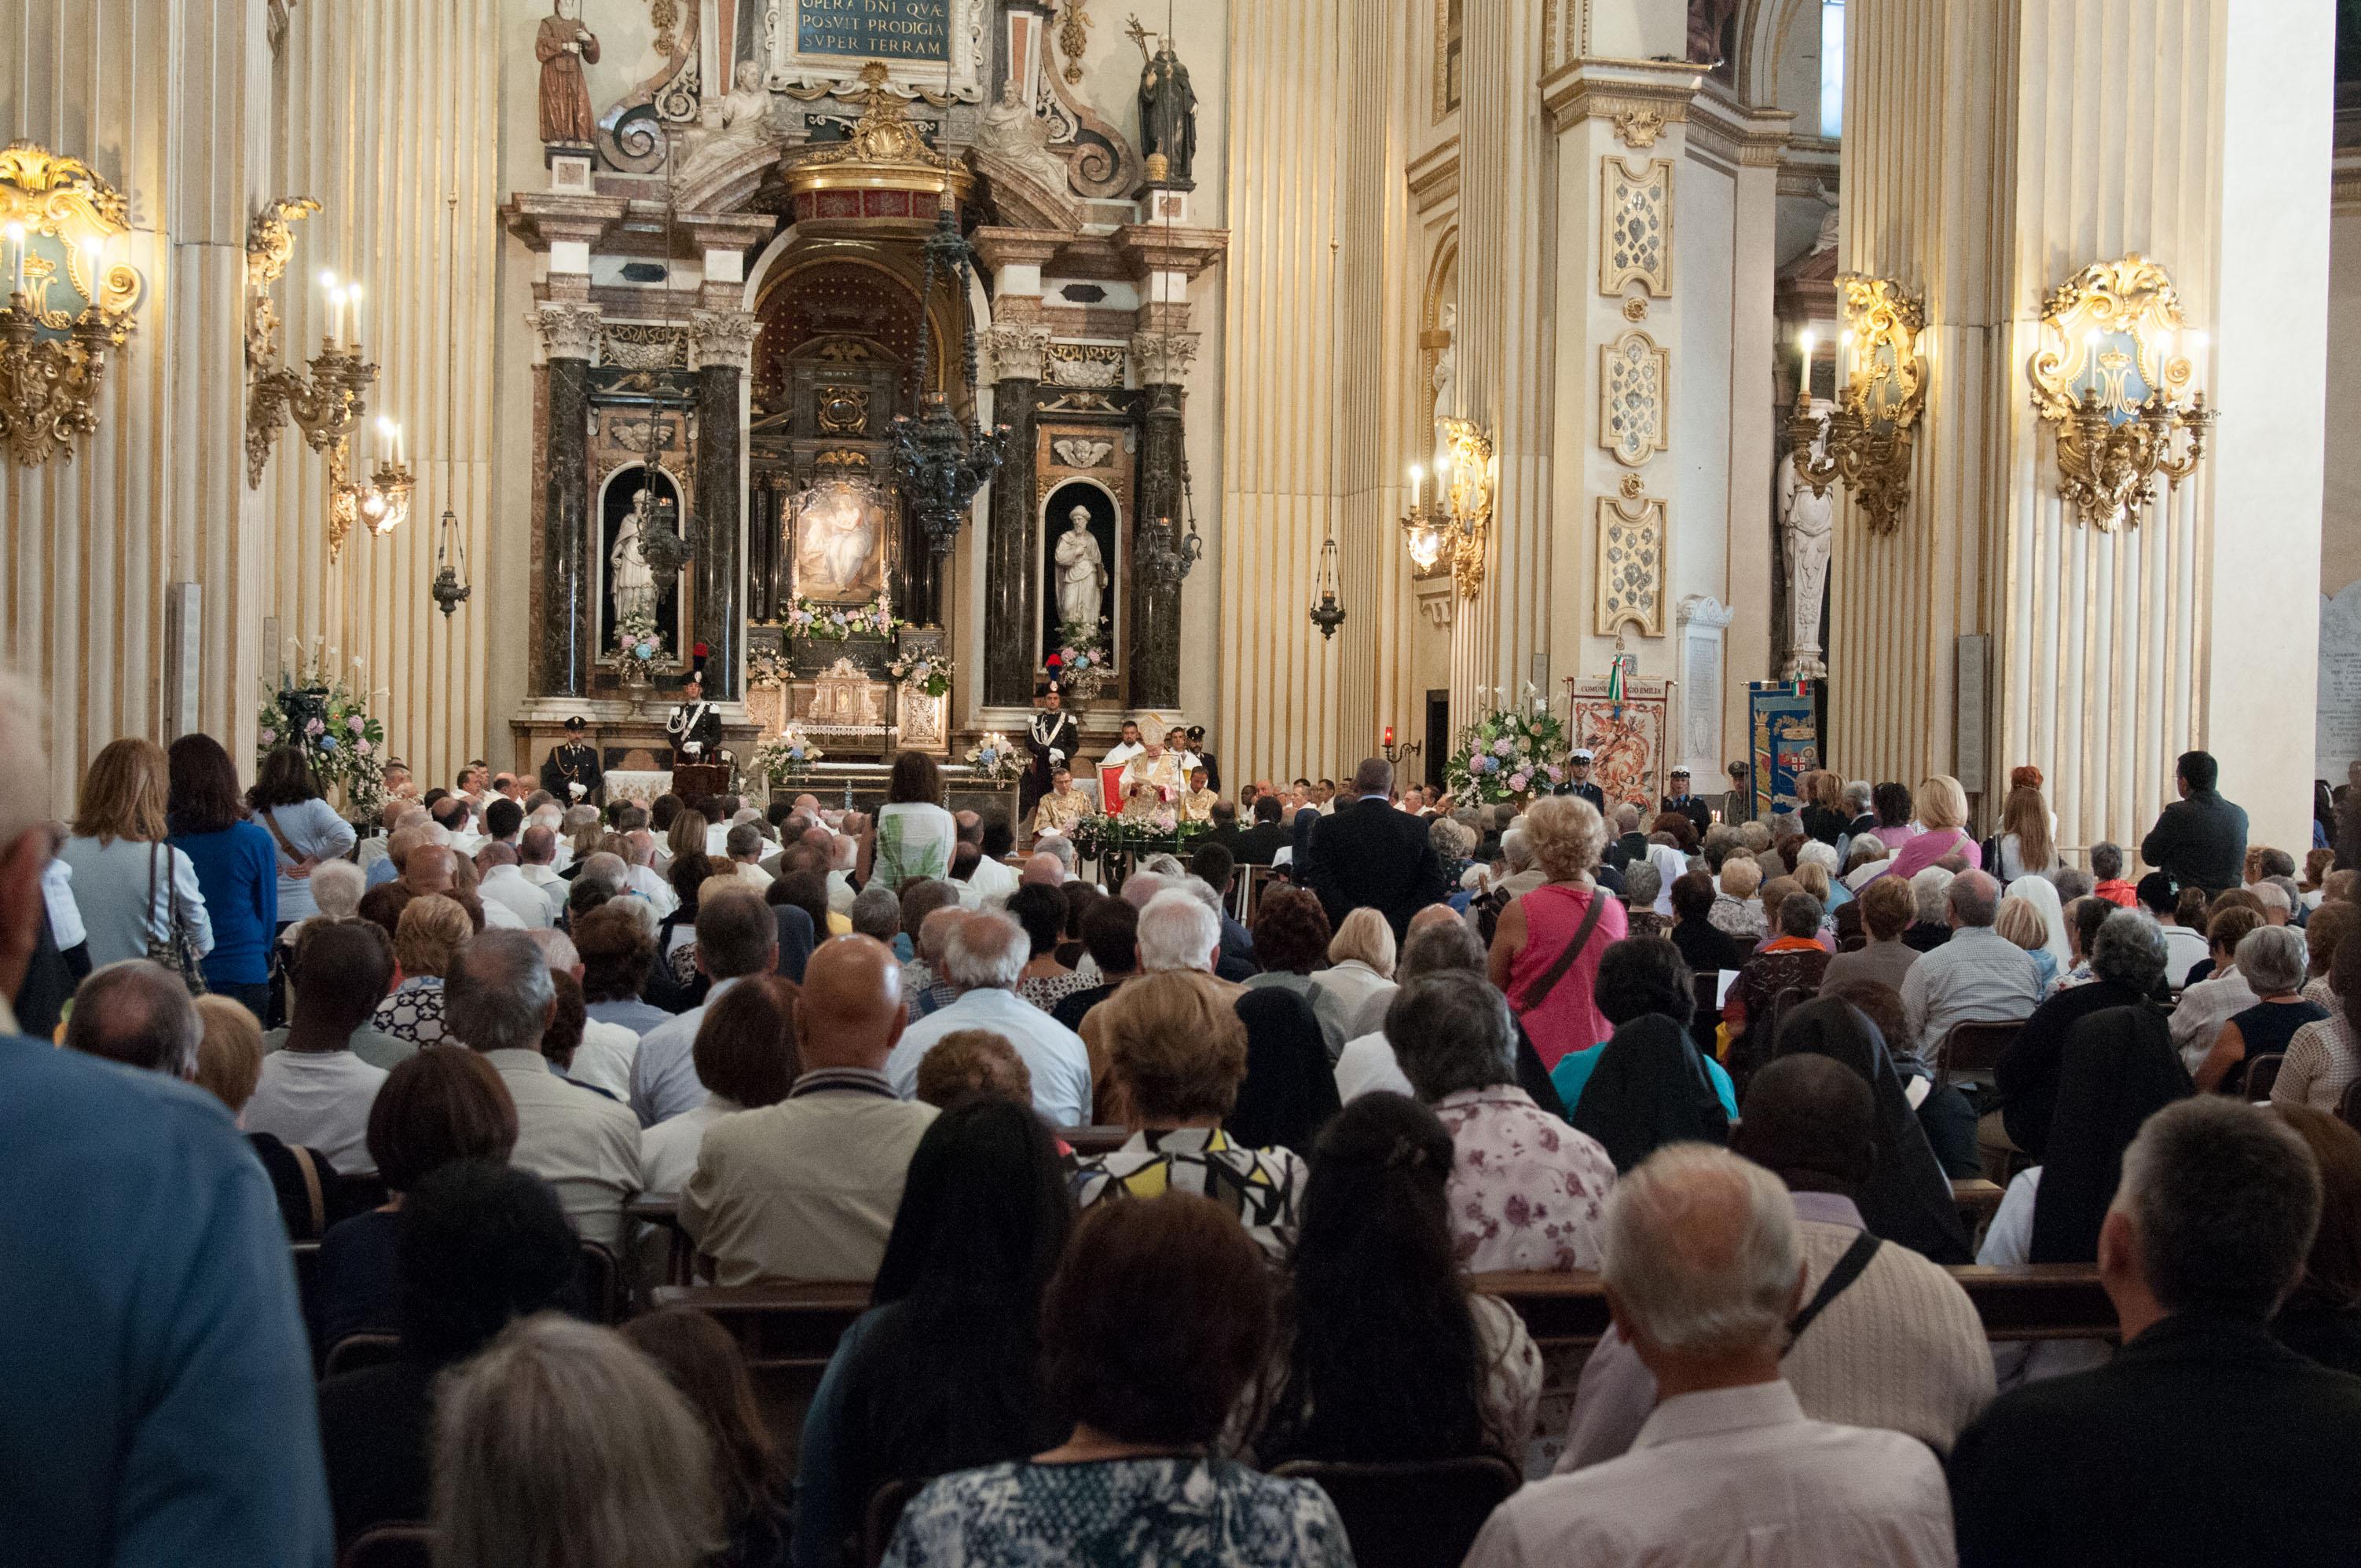 8 settembre 2015: monsignor Camisasca pronuncia l'omelia durante il solenne Pontificale di inizio anno pastorale, nella Basilica della Ghiara, a Reggio Emilia